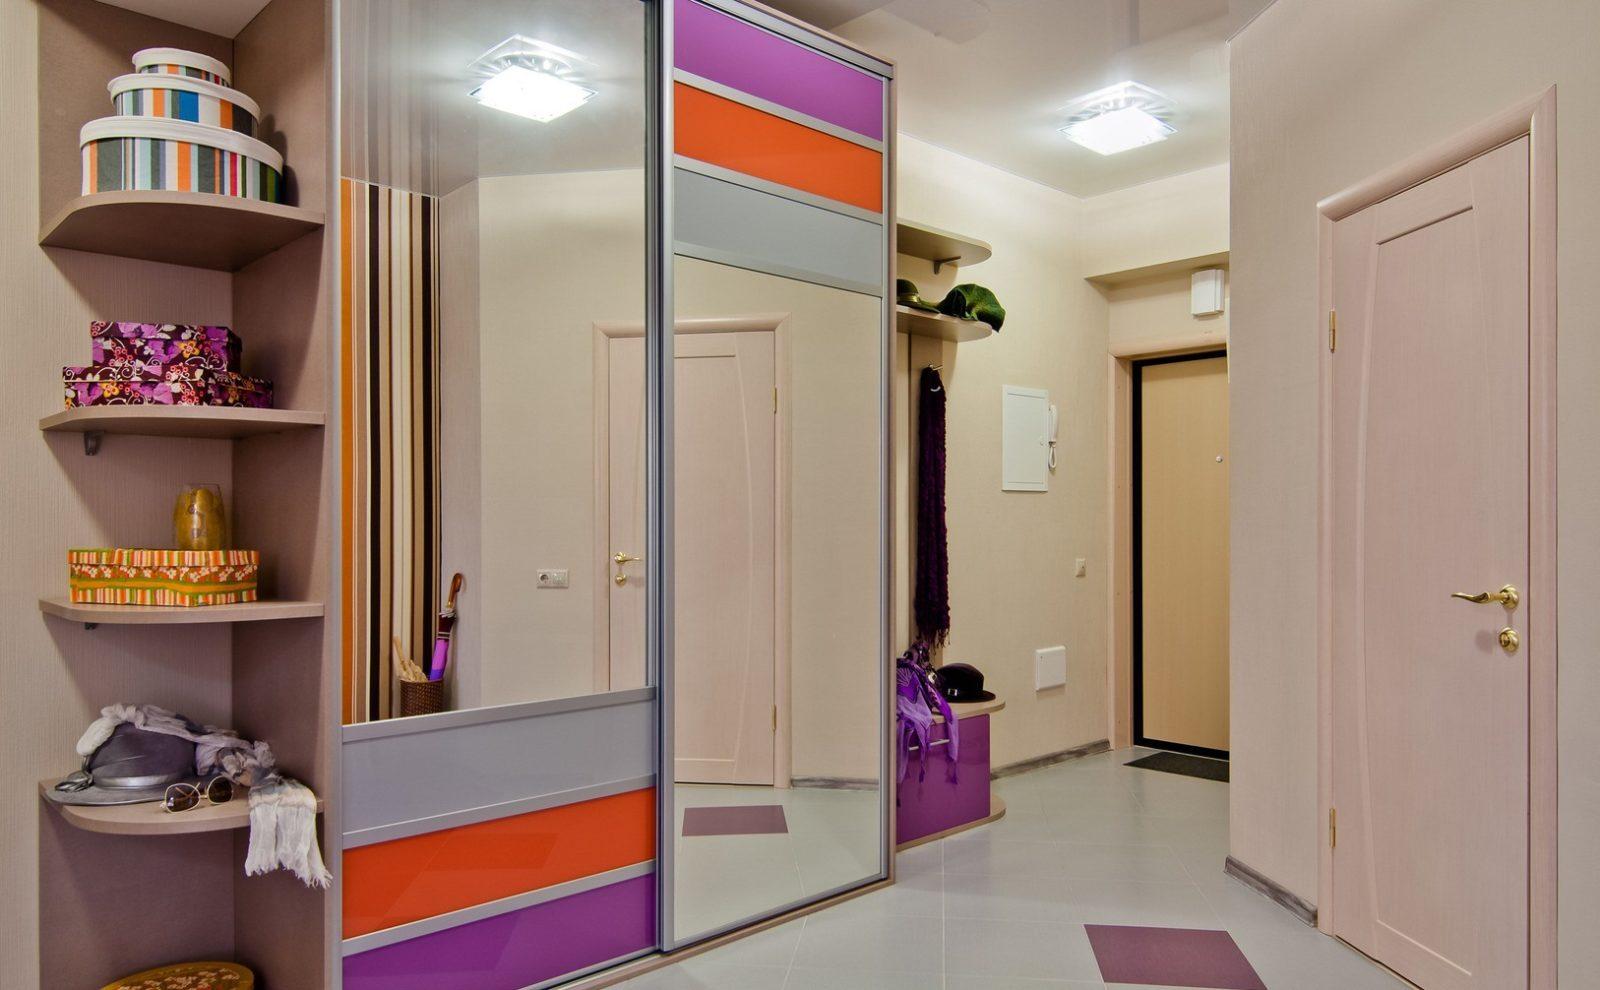 Выбор цвета для прихожей: гармоничное сочетание оттенков в соответствии со стилем интерьера